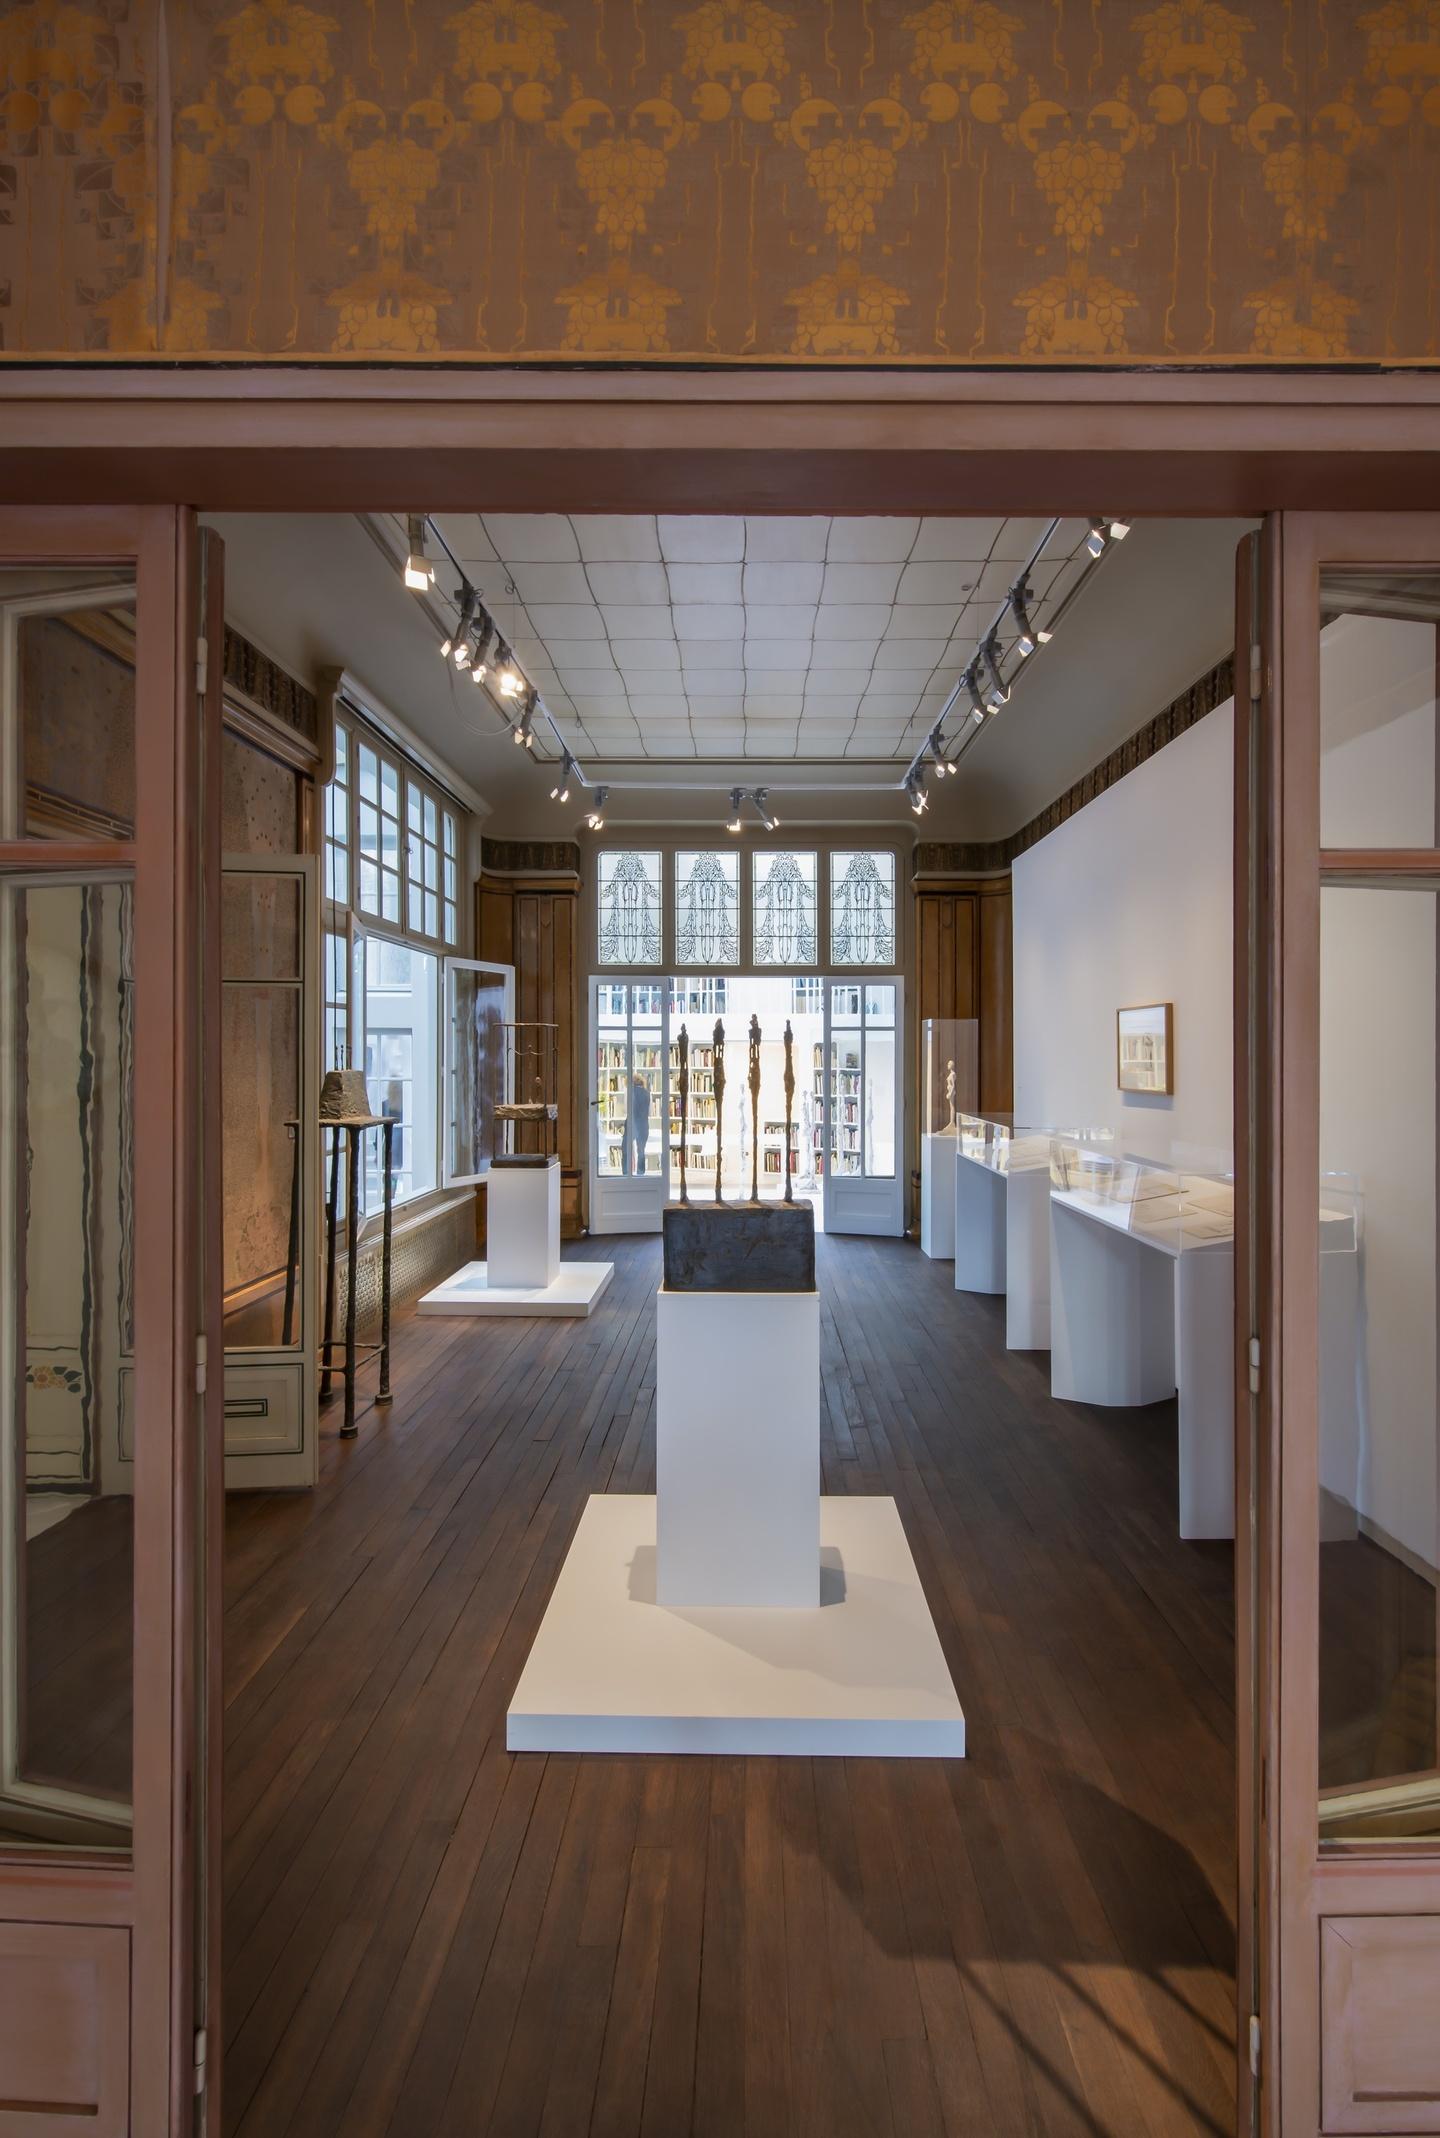 Vue de l'exposition L'Atelier d'Alberto Giacometti vu par Jean Genet, Institut Giacometti, 2018 ©Succession Giacometti (Fondation Giacometti, Paris et ADAGP, Paris)